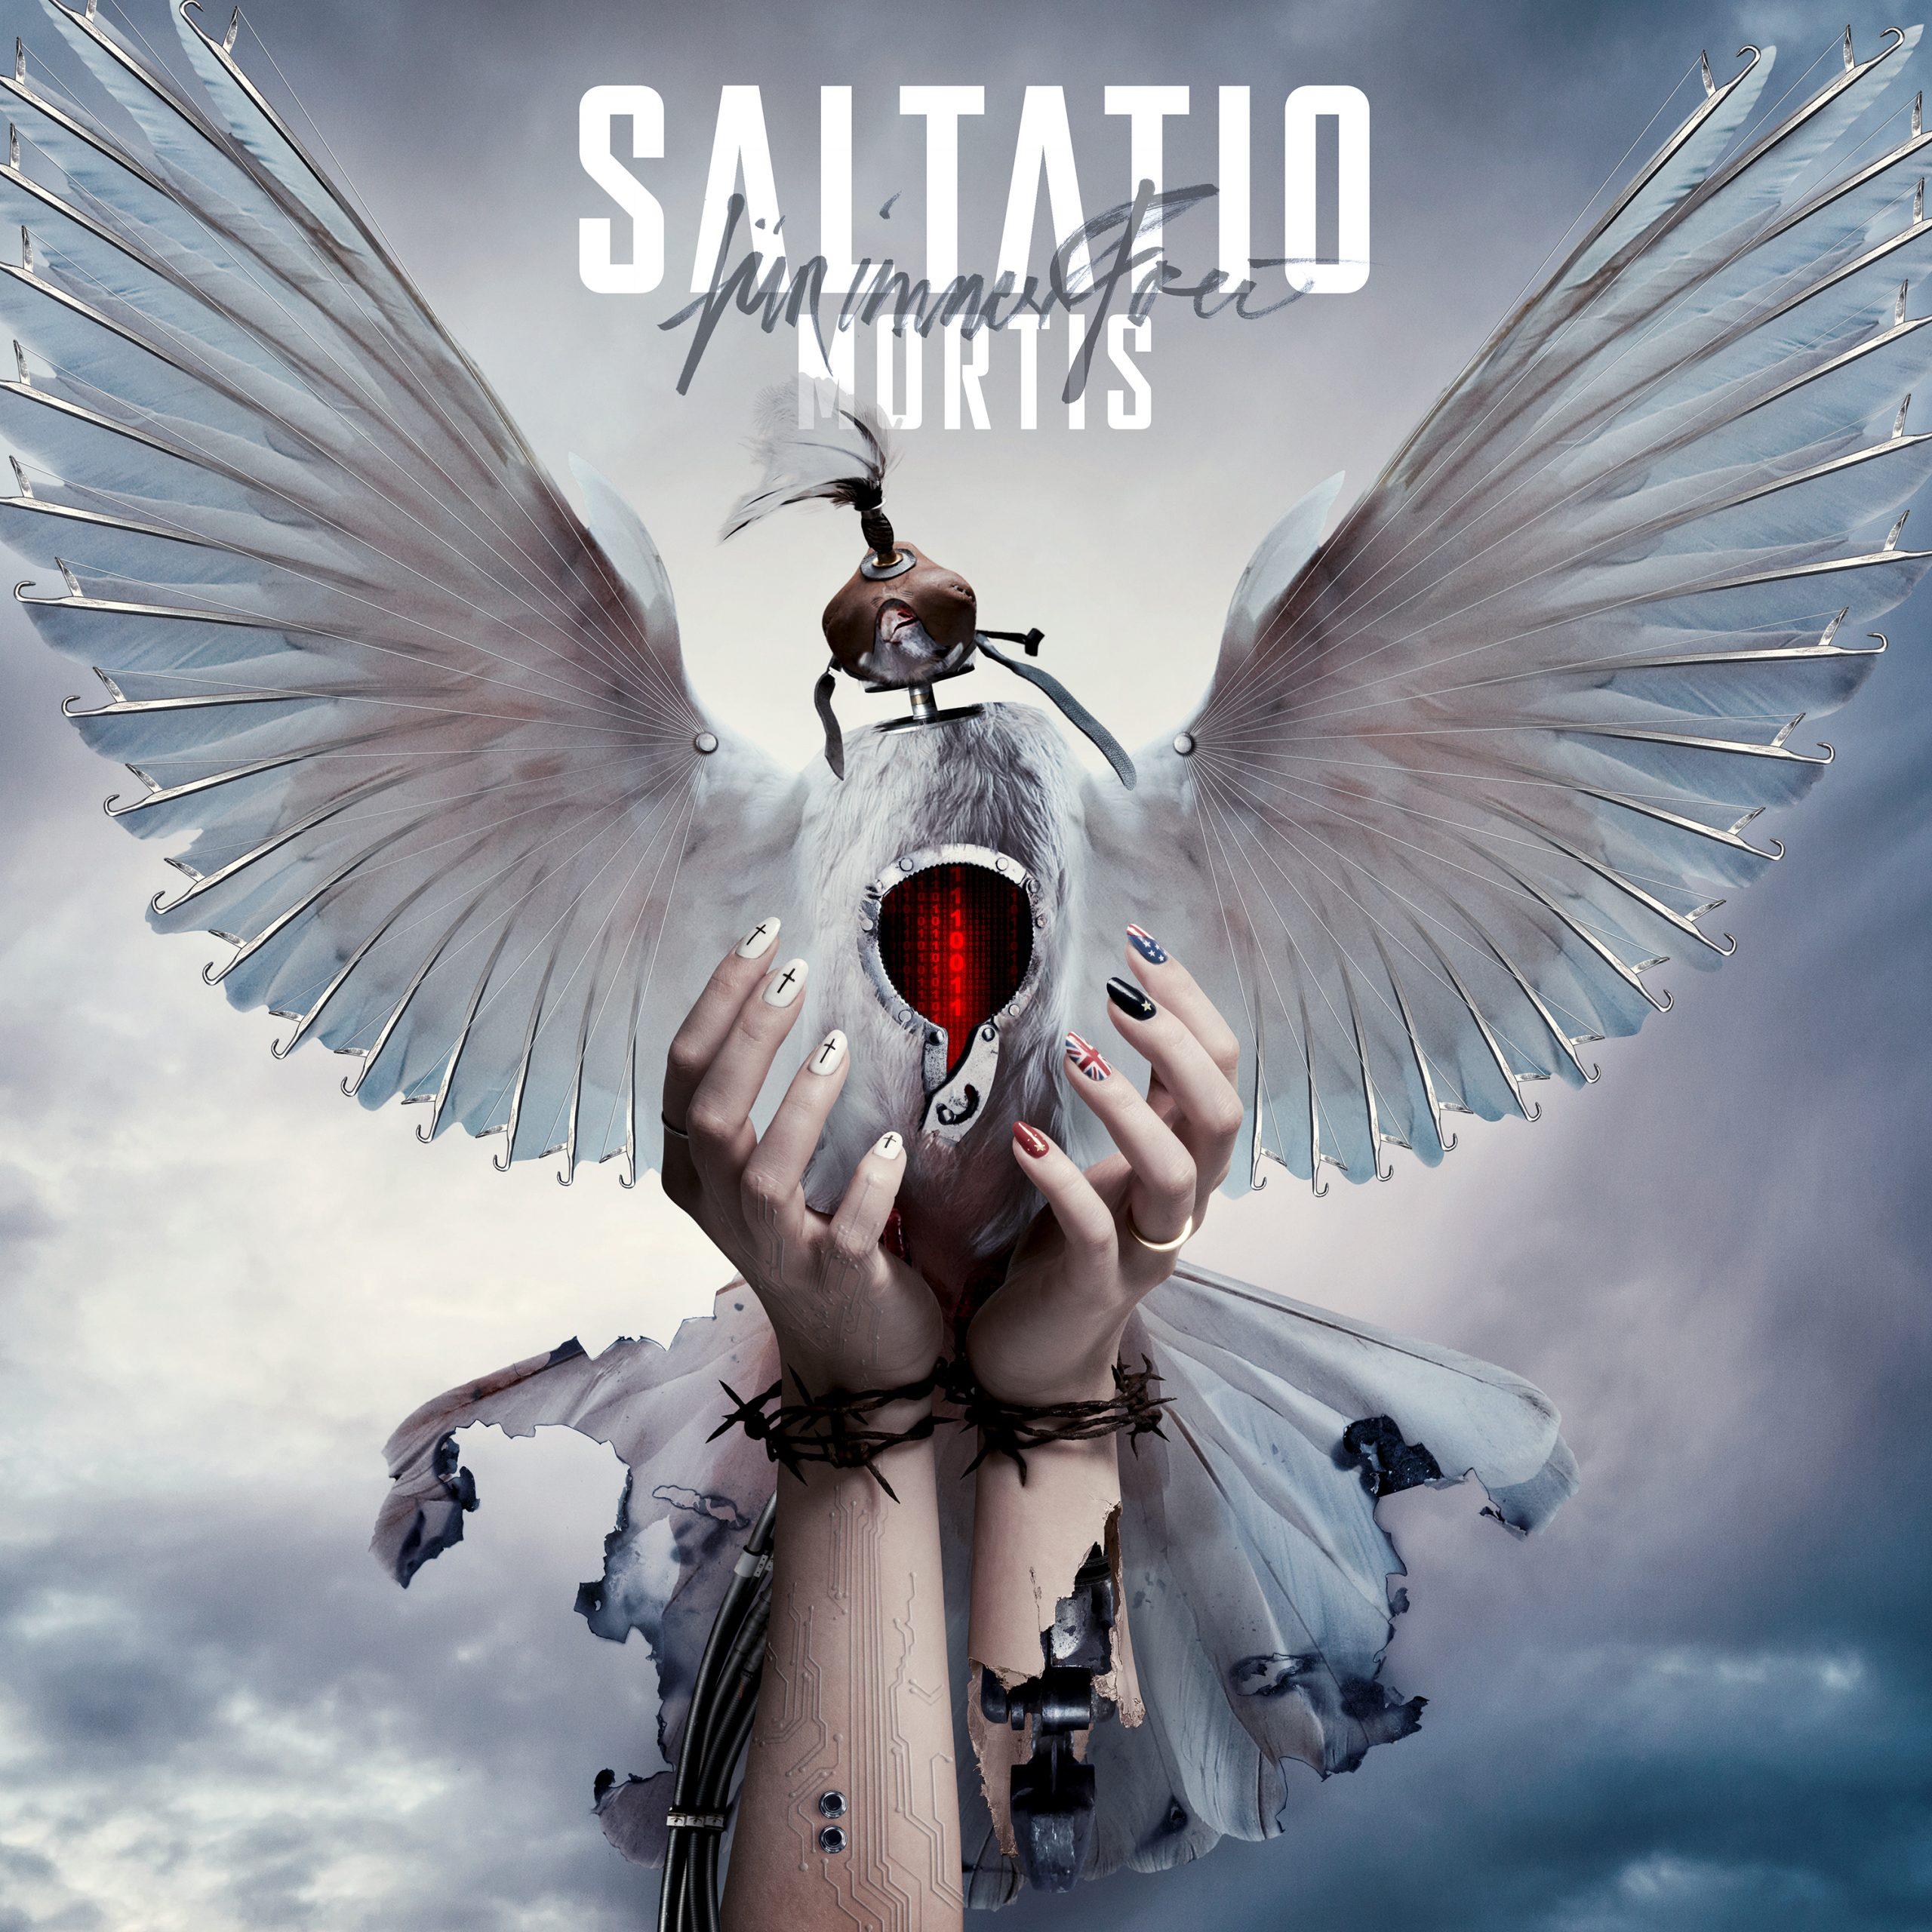 saltatio-mortis-fuer-immer-frei-mit-neuem-album-wieder-direkt-an-die-spitze-der-charts-album-review